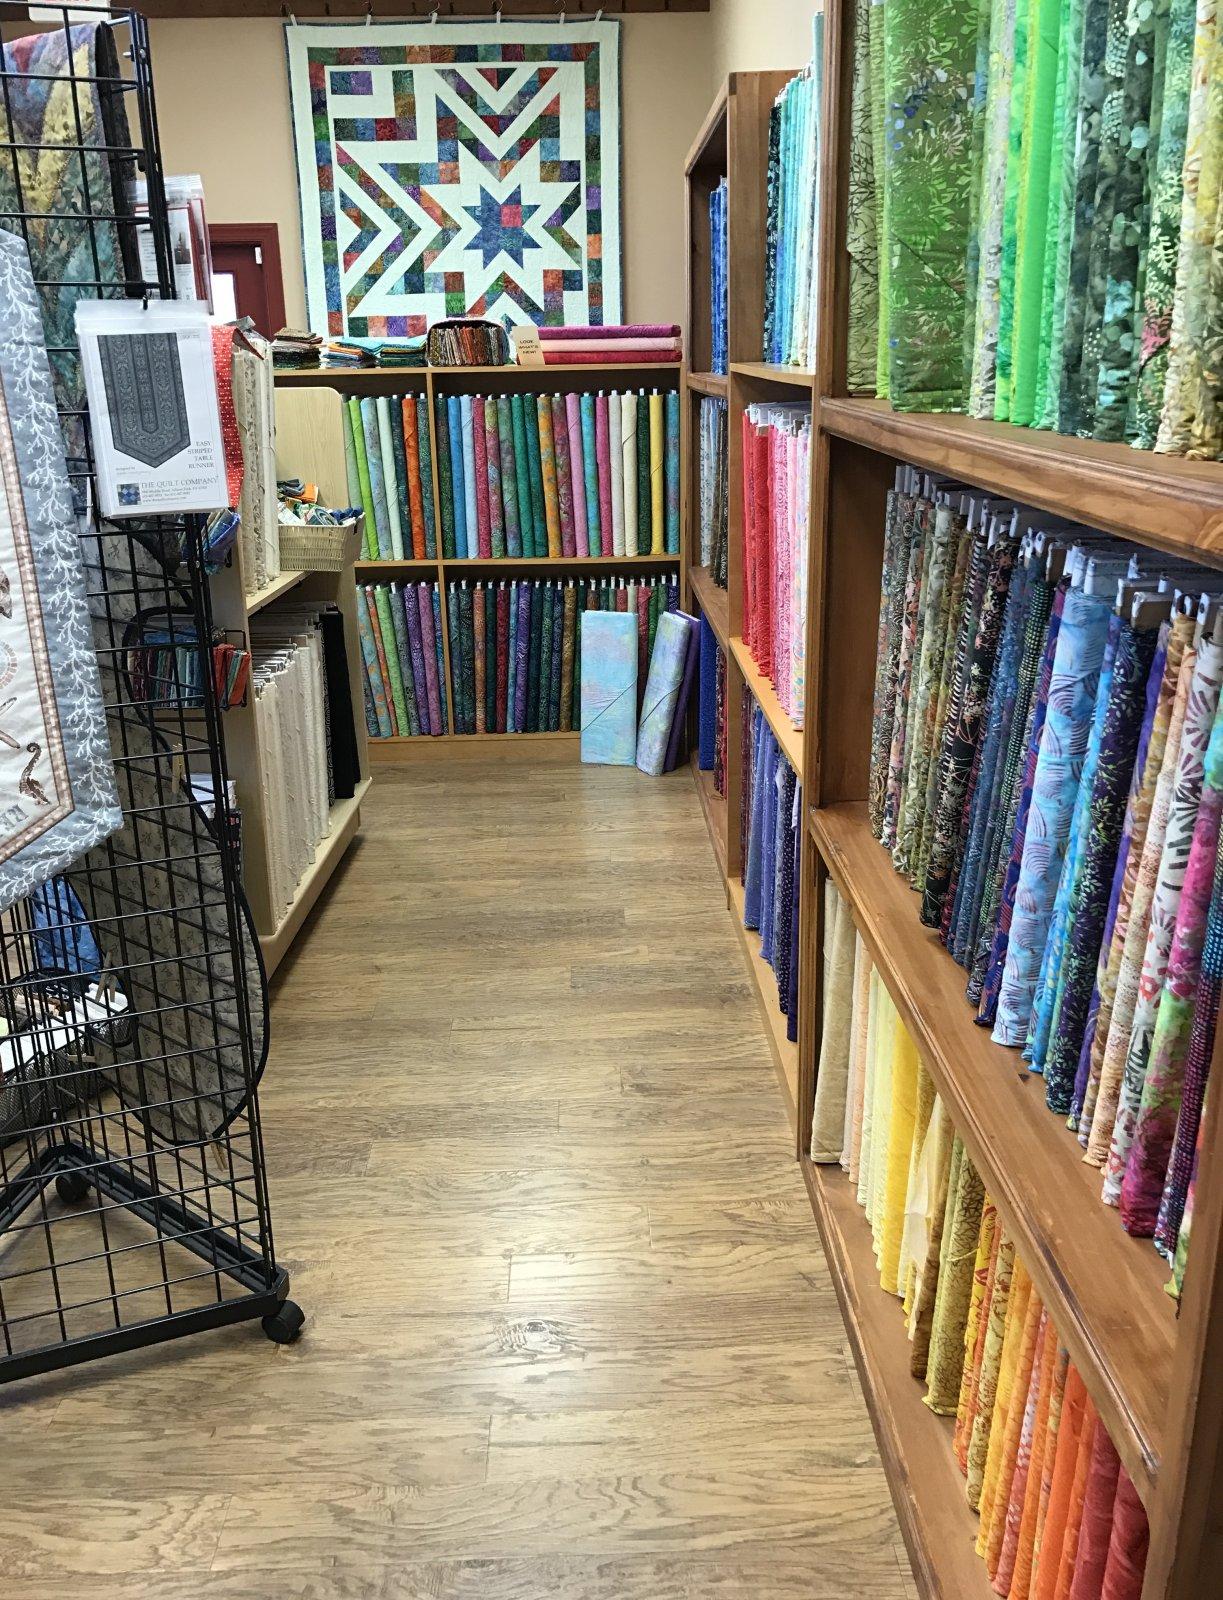 Serendipity Quilt Shop Photo Gallery : serendipity quilt shop - Adamdwight.com